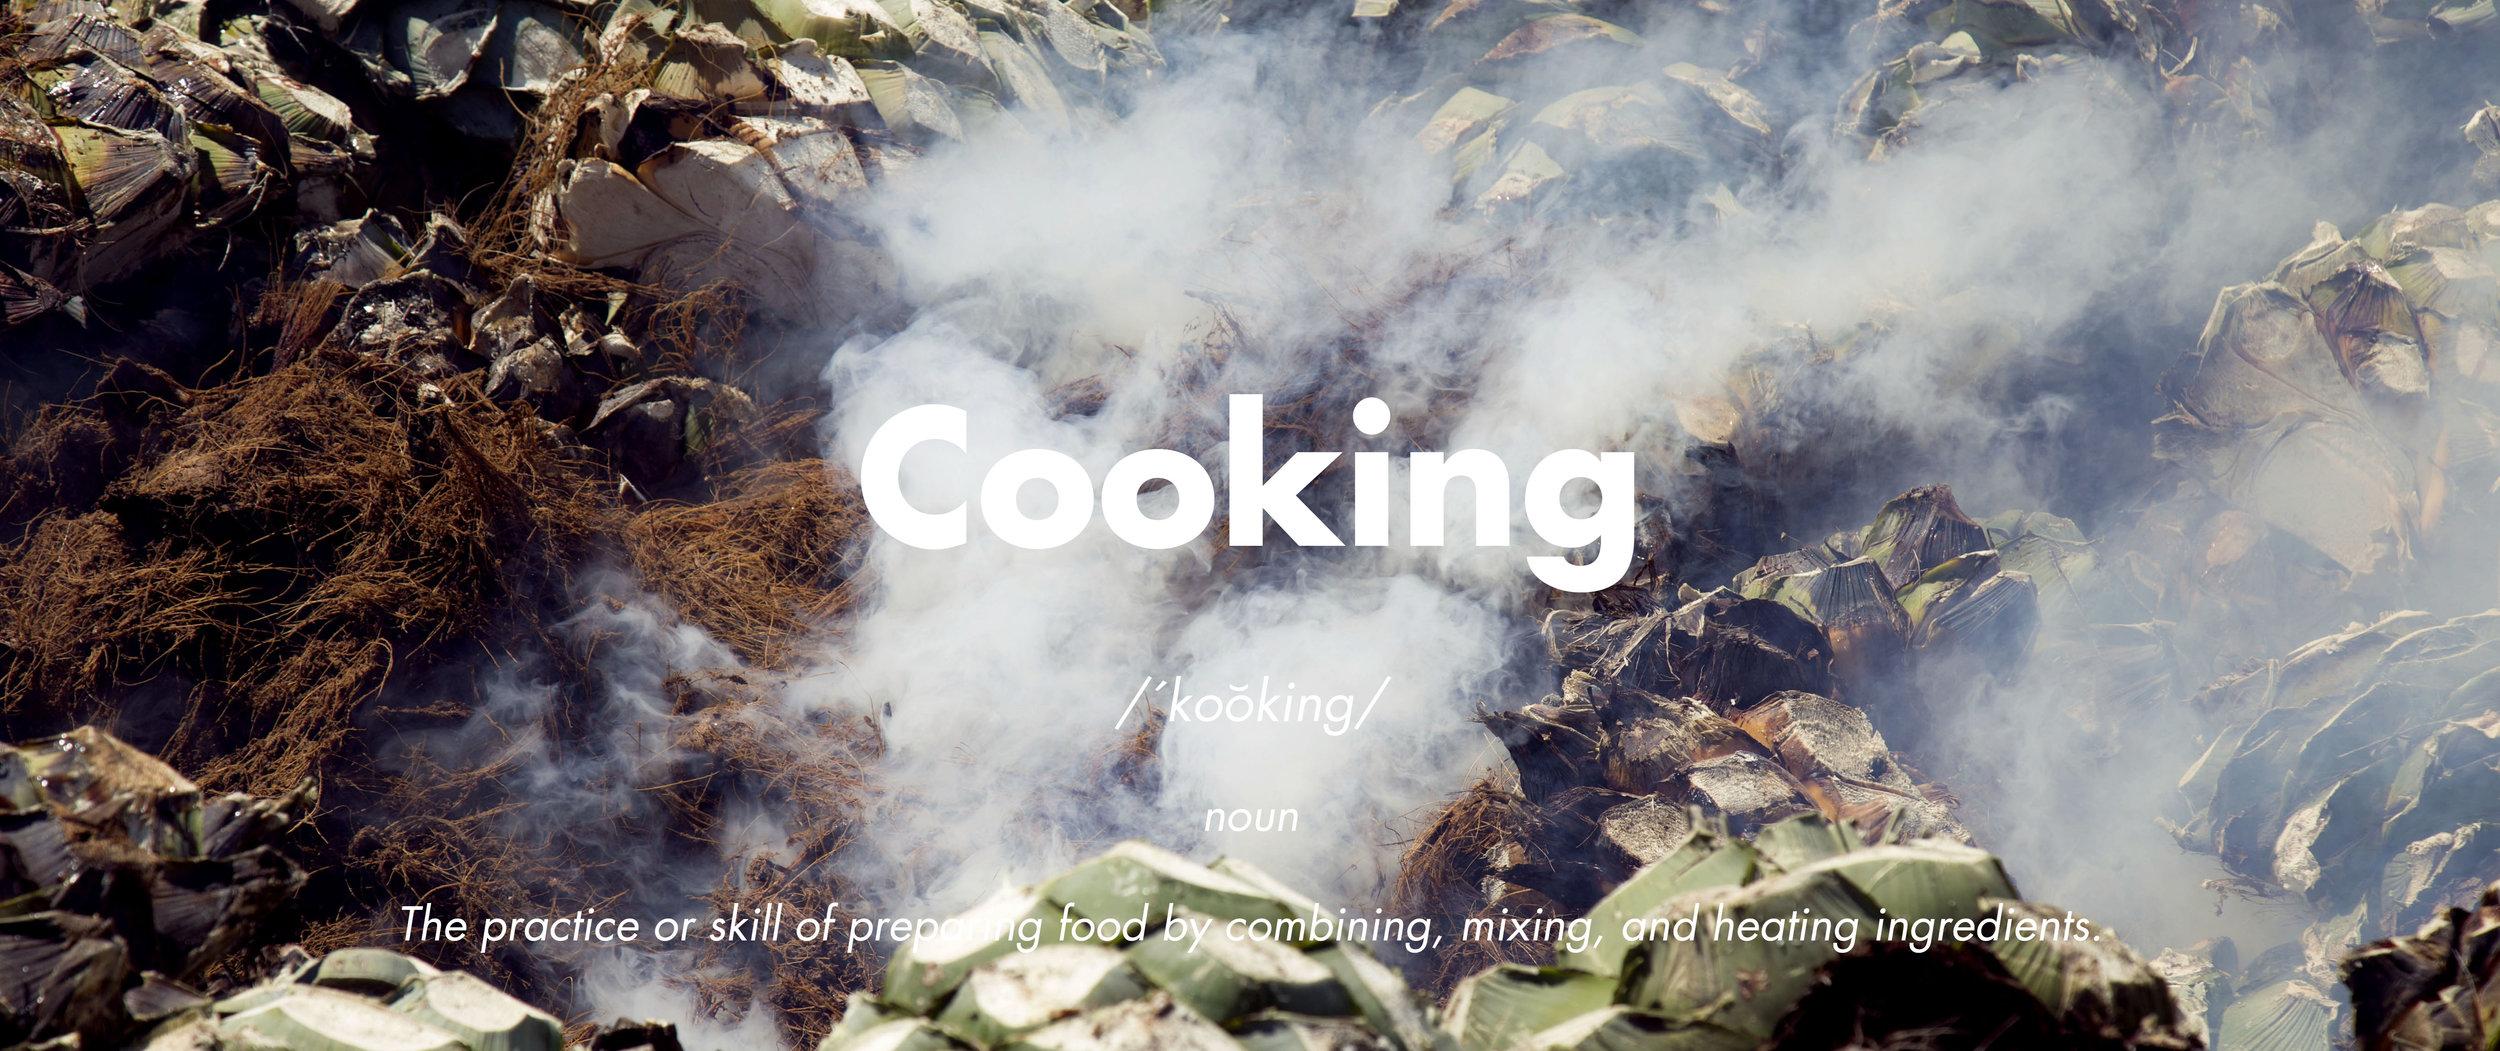 Cooking maguey El Tinieblo